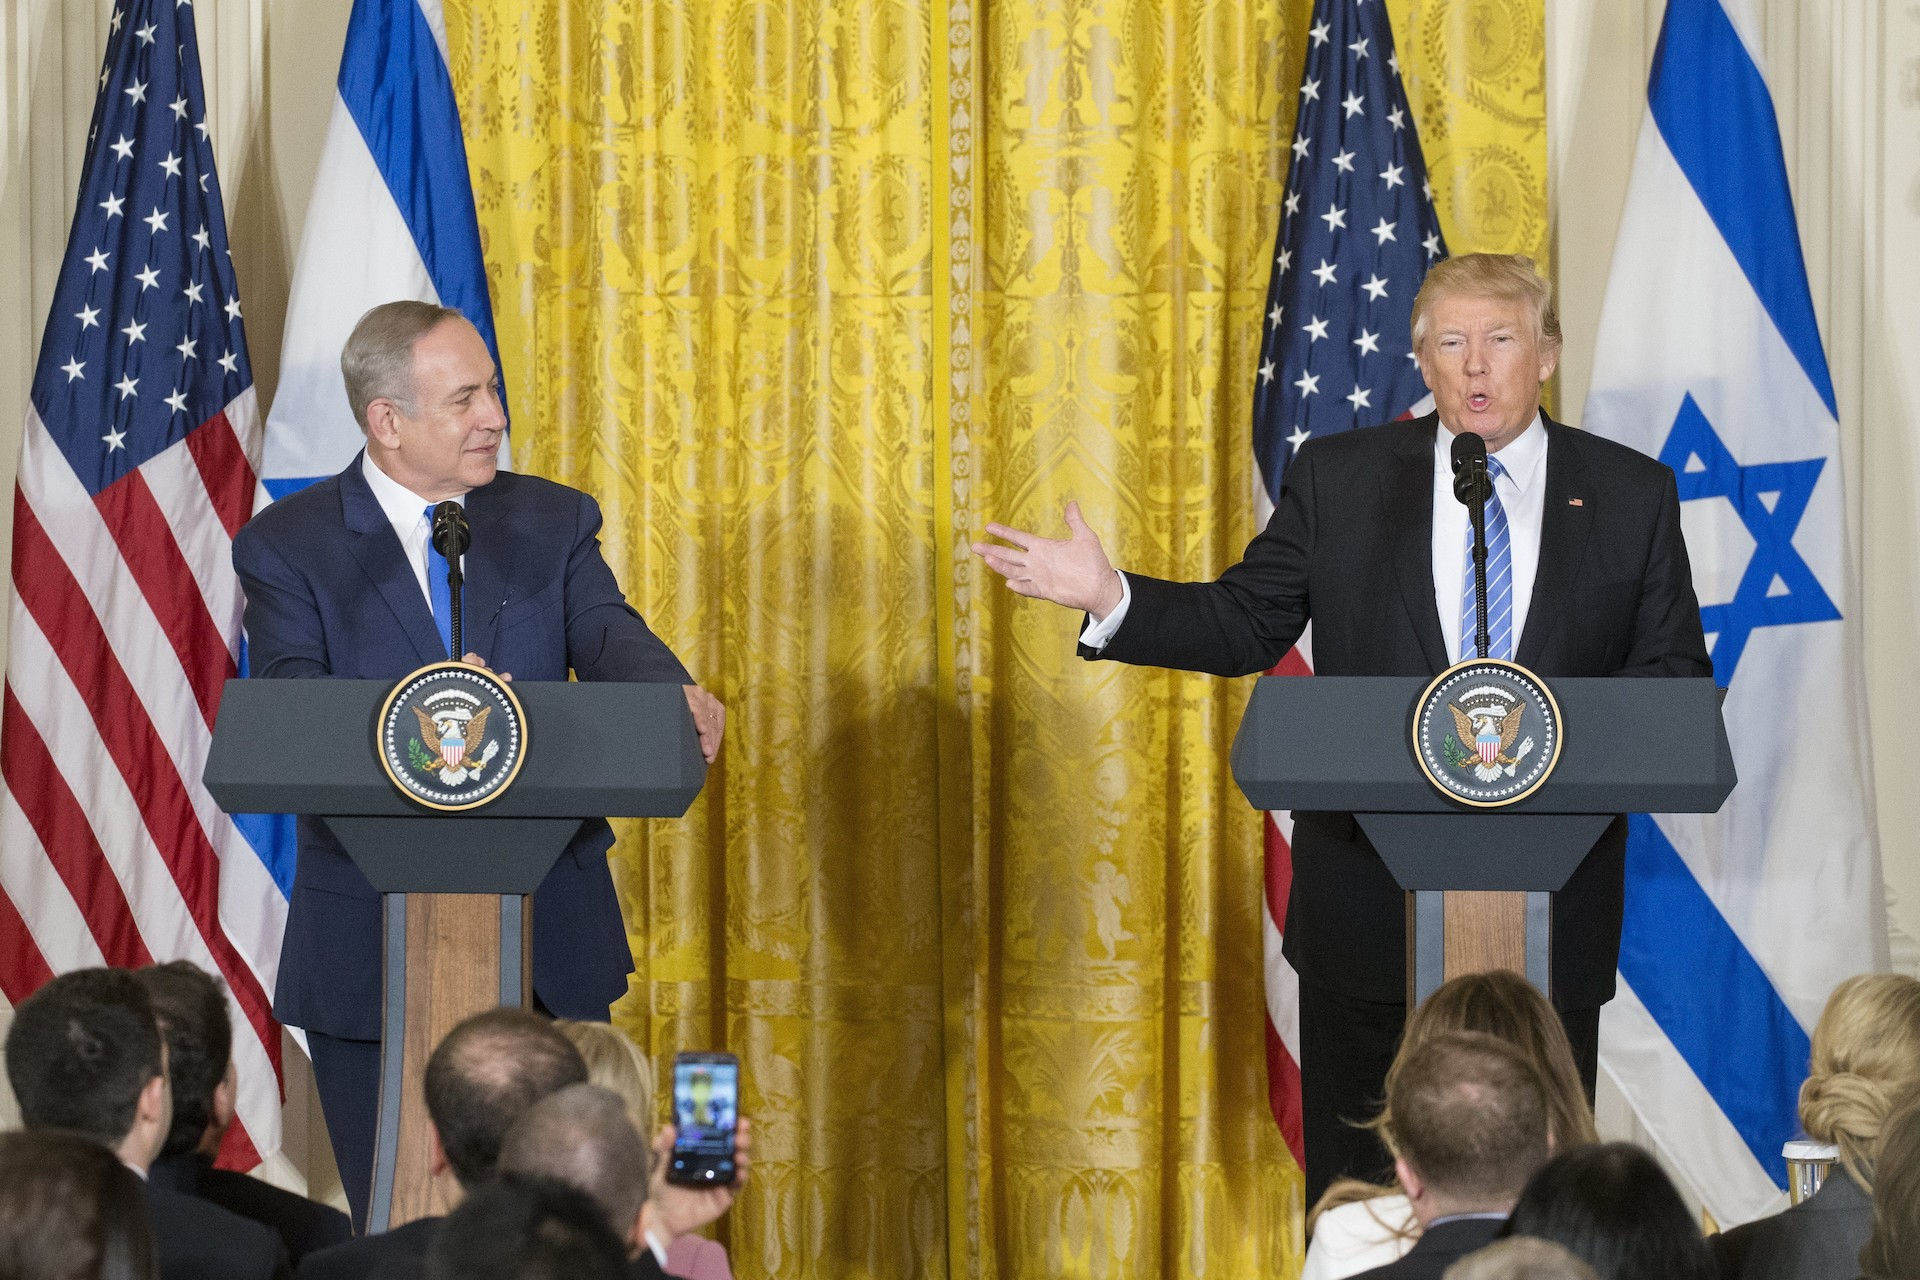 benjamin Netanyahu y Donald Trump en rueda de prensa el 15 de febrero de 2017.